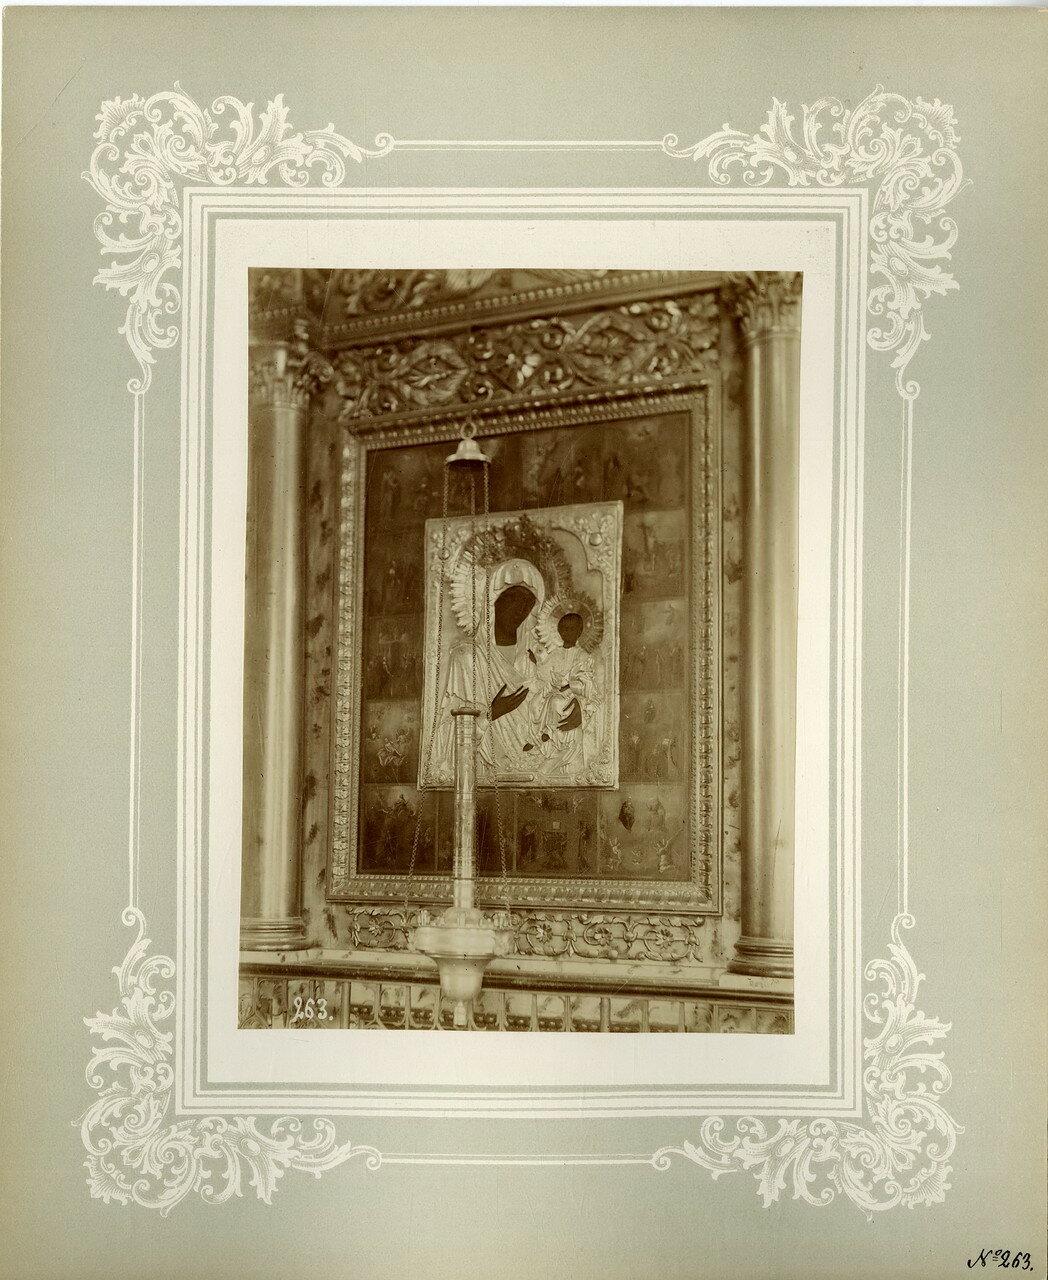 17. Тихвинская икона Божией Матери на левой колонне соборного храма ближайшей к главному входу